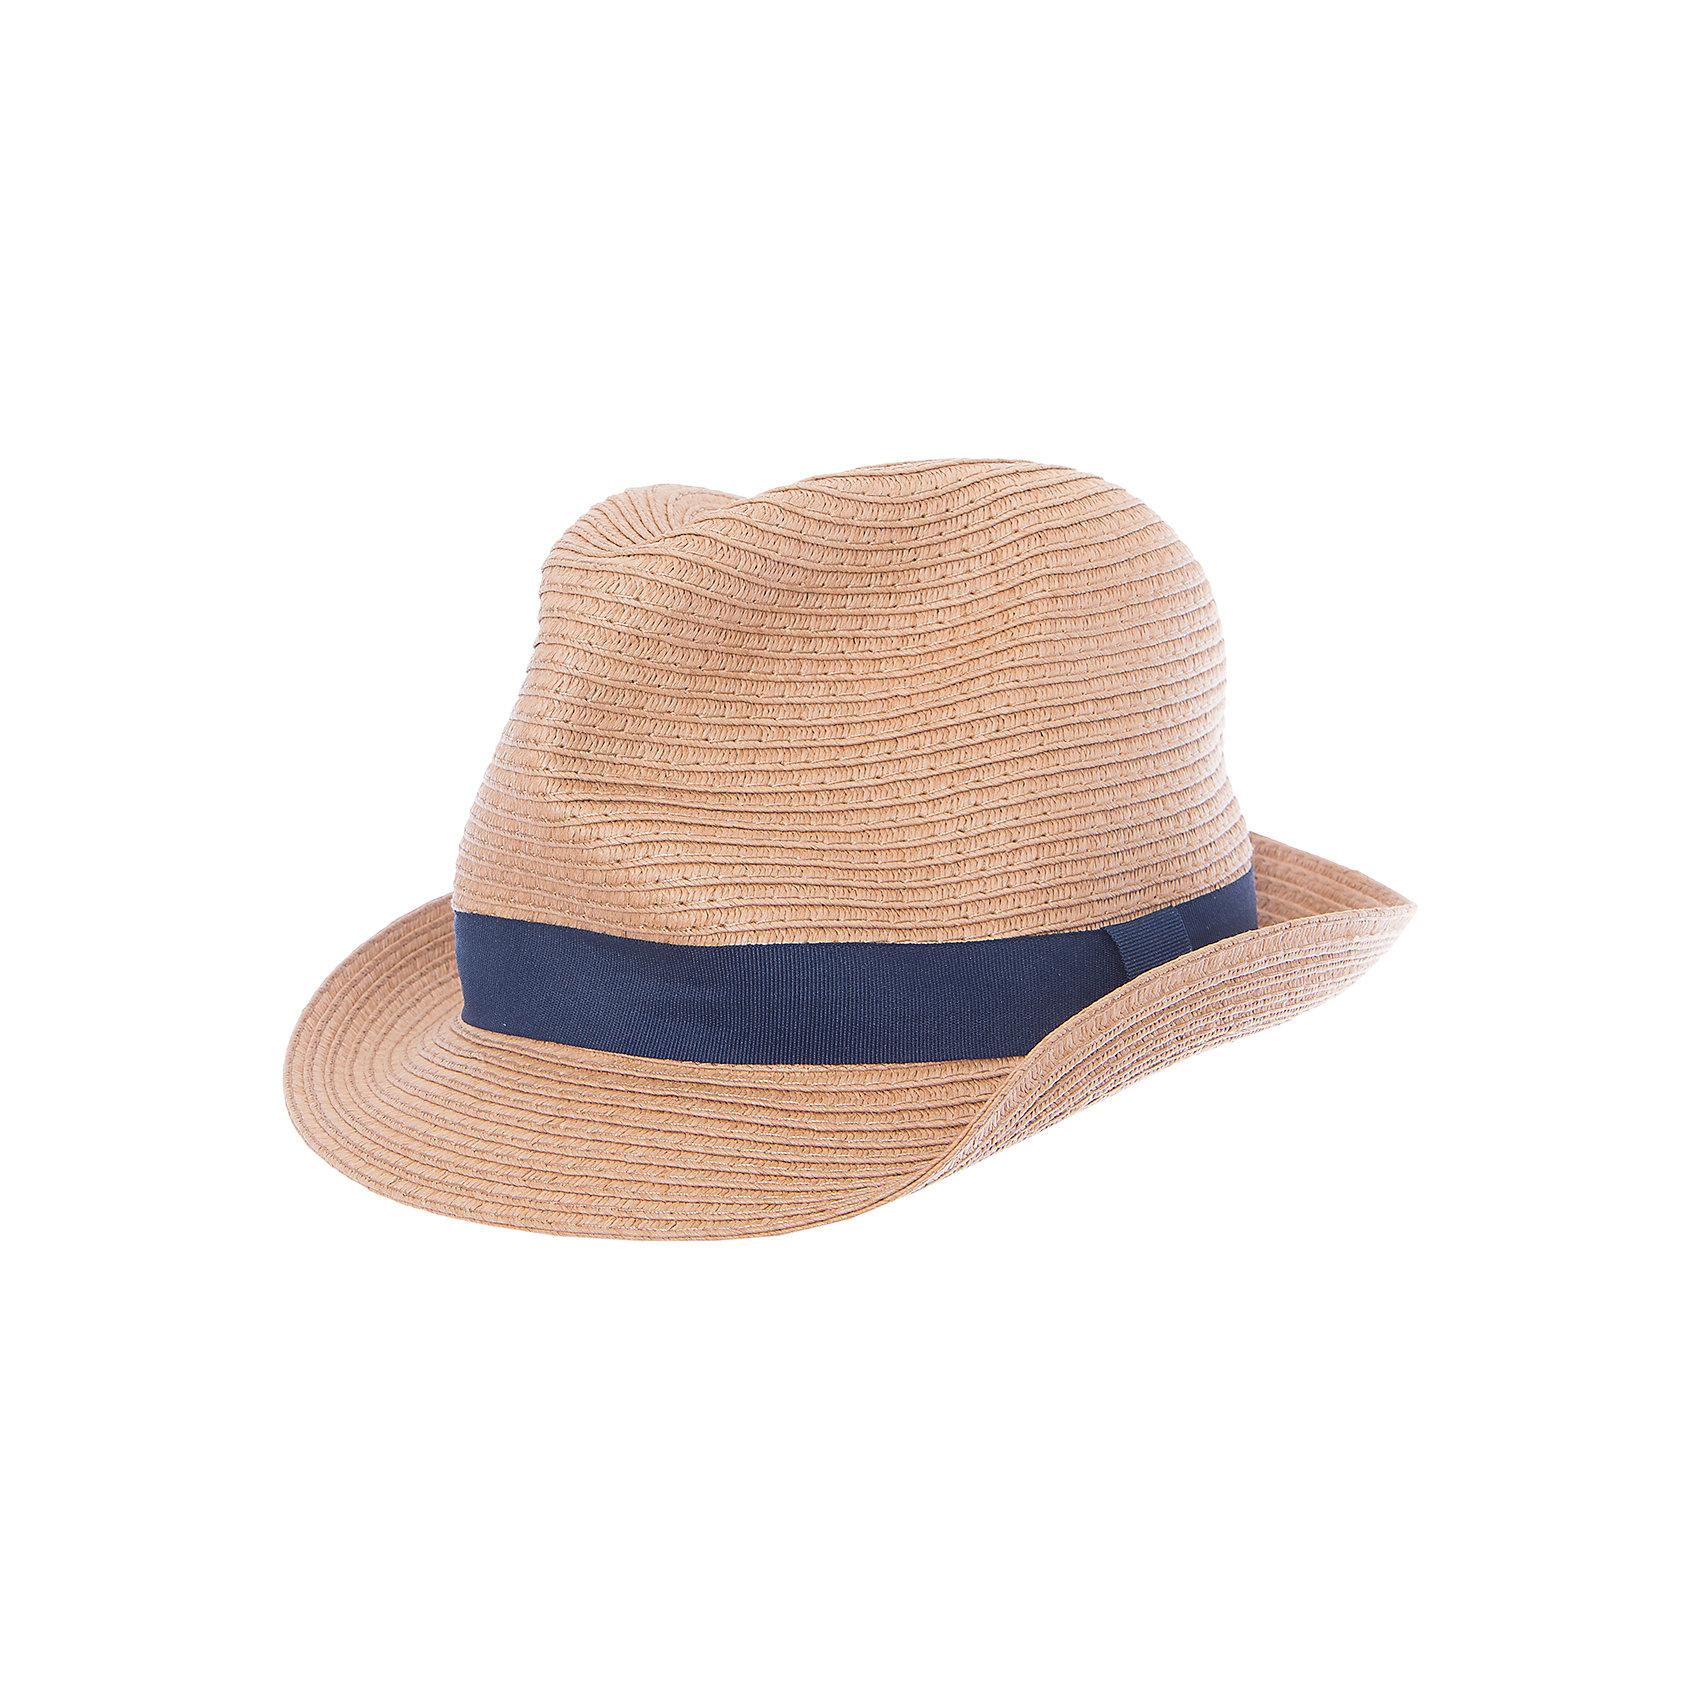 Панама для мальчика ScoolГоловные уборы<br>Характеристики товара:<br><br>• цвет: светло-коричневый<br>• состав: 100% бумажная соломка<br>• сезон: лето<br>• декорирована лентой<br>• защищает от солнца<br>• страна бренда: Германия<br>• страна производства: Китай<br><br>Соломенная панама для мальчика Scool. Стильная шляпа из натуральной соломки защитит Вашего ребенка в жаркую погоду. Материал не раздражает кожу ребенка. Комфортна при носке.<br><br>Панаму для мальчика от известного бренда Scool можно купить в нашем интернет-магазине.<br><br>Ширина мм: 89<br>Глубина мм: 117<br>Высота мм: 44<br>Вес г: 155<br>Цвет: светло-коричневый<br>Возраст от месяцев: 60<br>Возраст до месяцев: 6<br>Пол: Мужской<br>Возраст: Детский<br>Размер: 54,56<br>SKU: 5406788